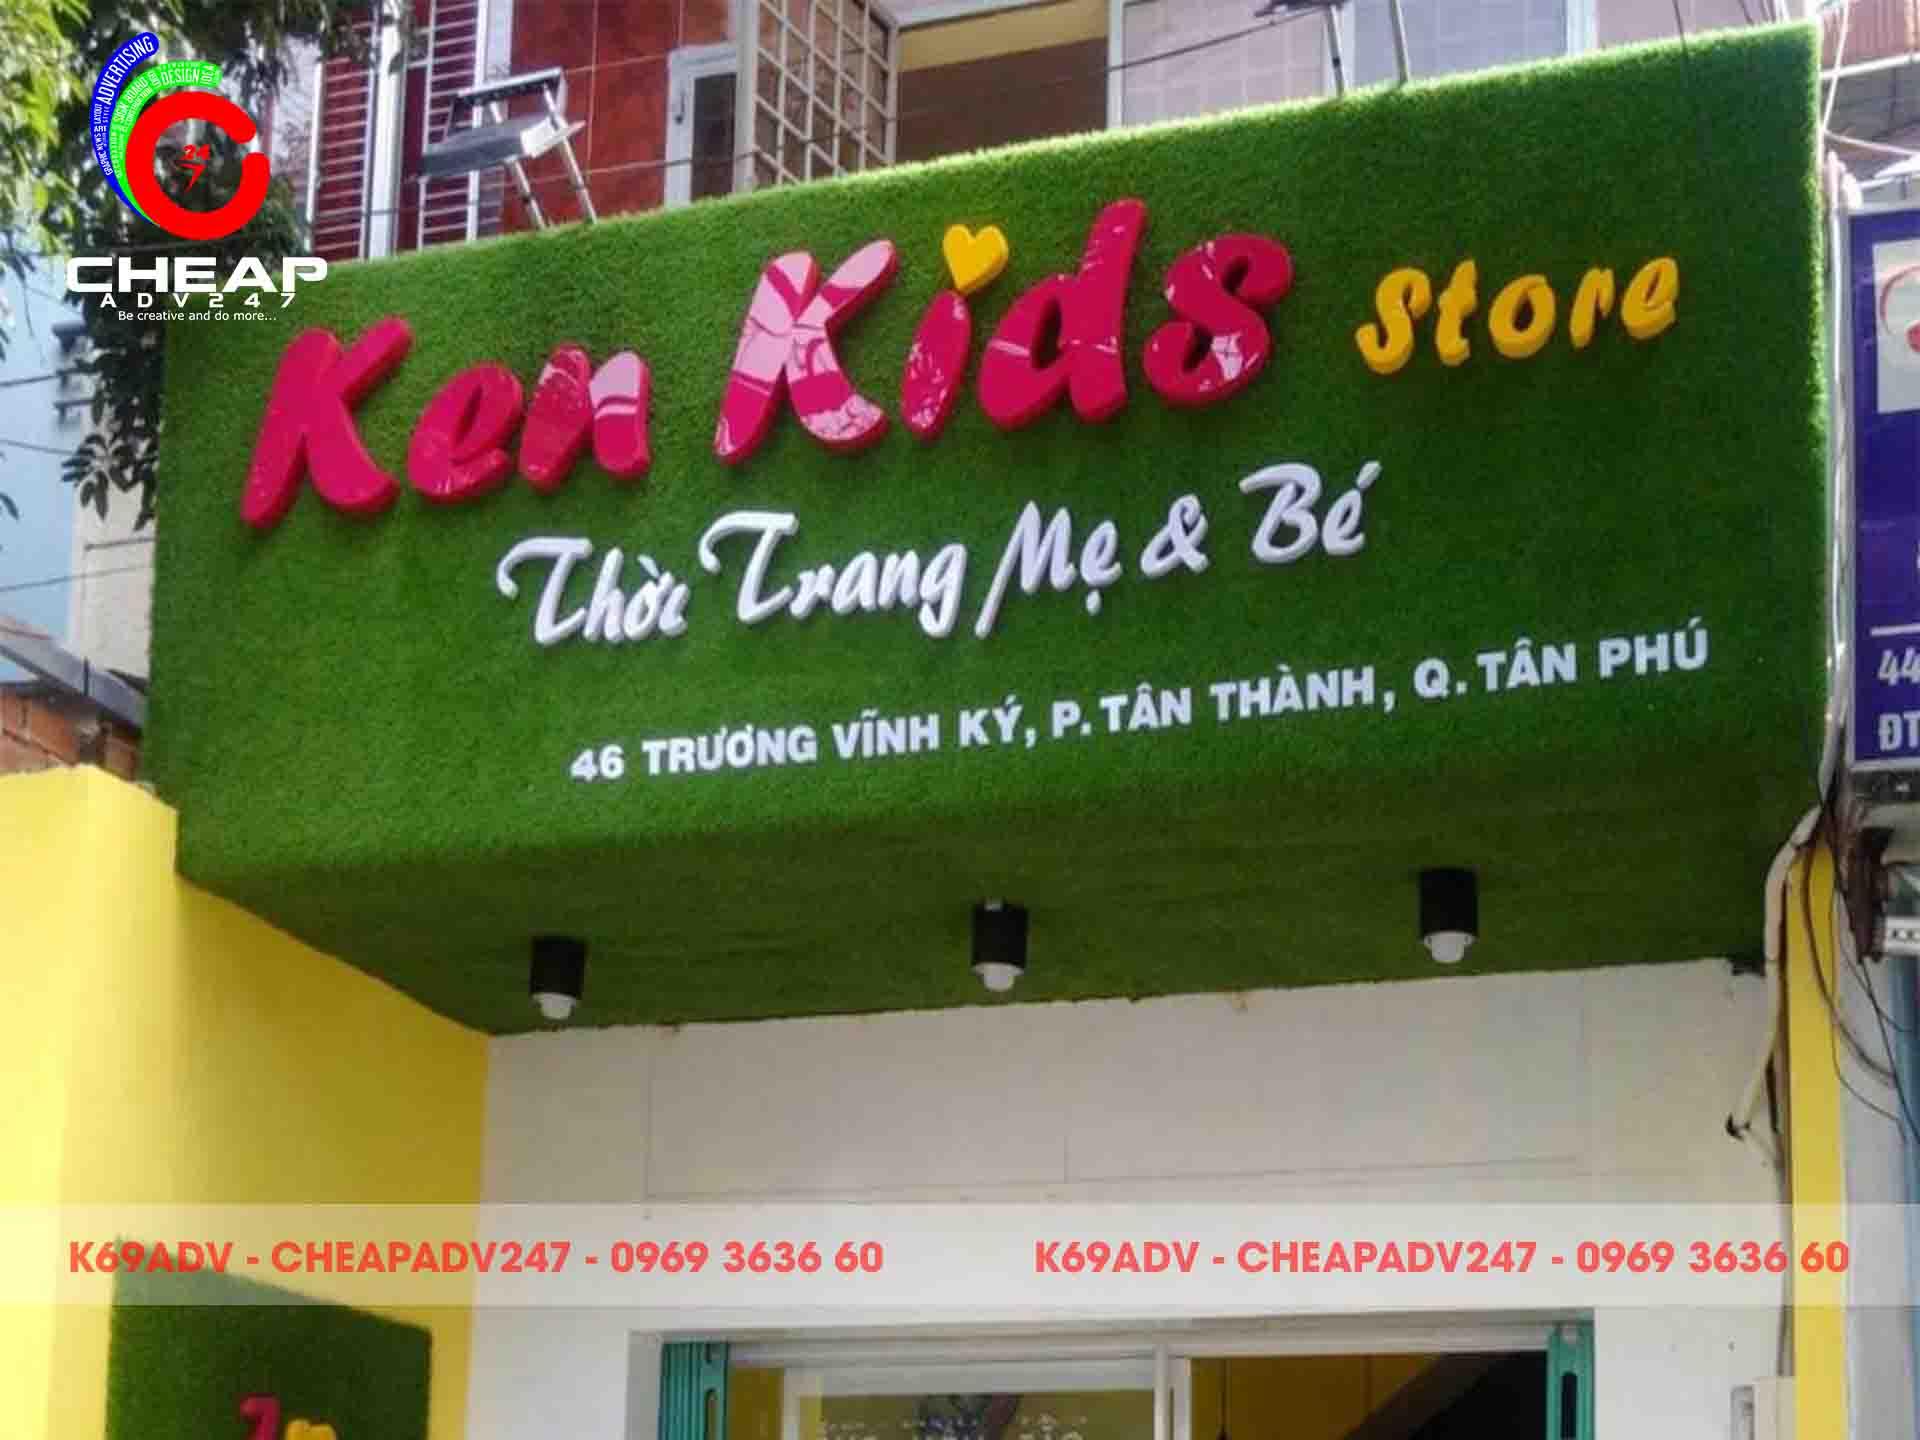 lam bang hieu shop thoi trang cheapadv247 07